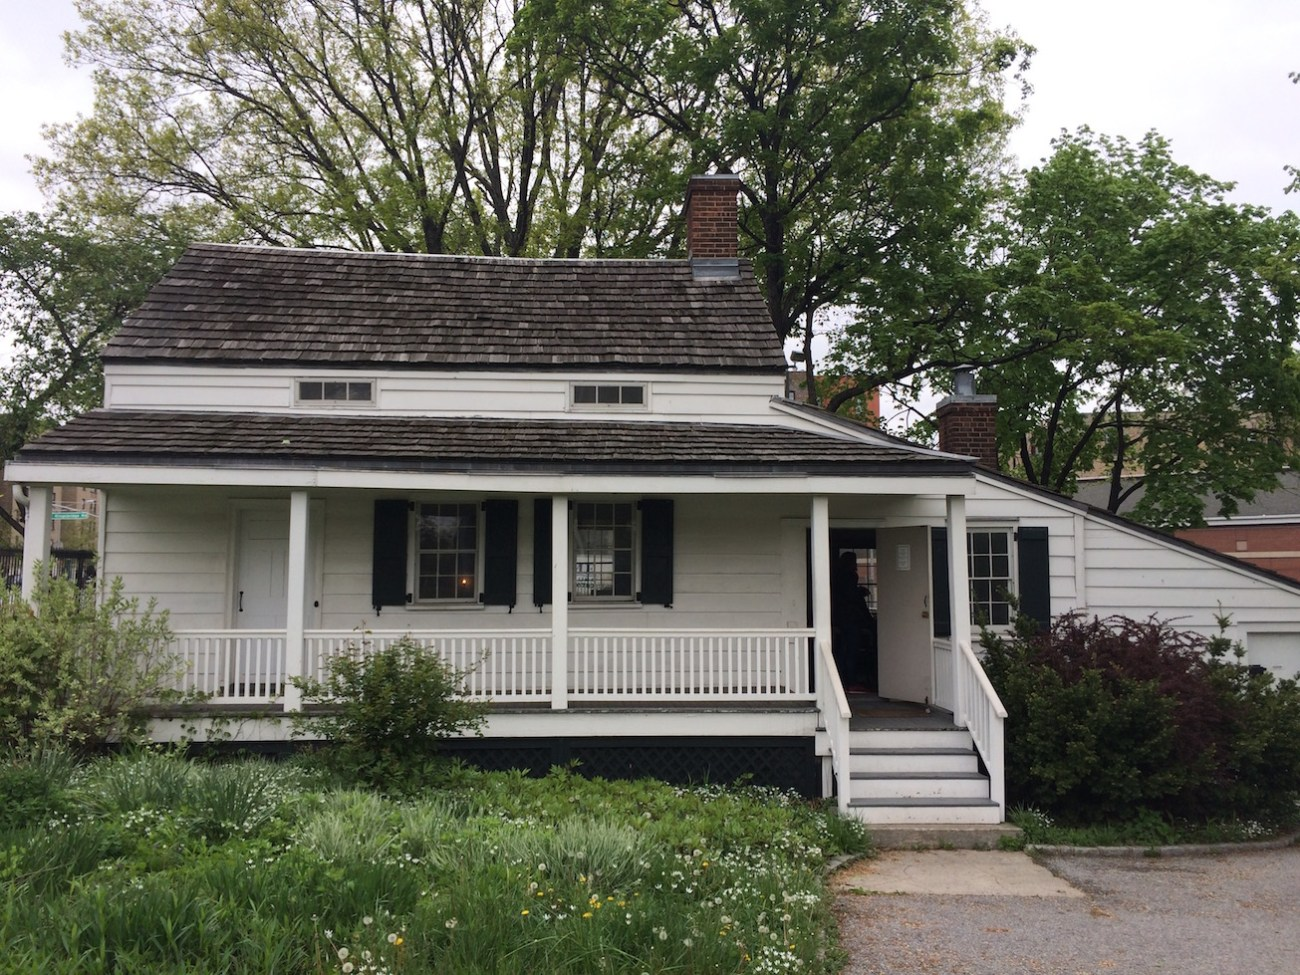 The Edgar Allen Poe Cottage